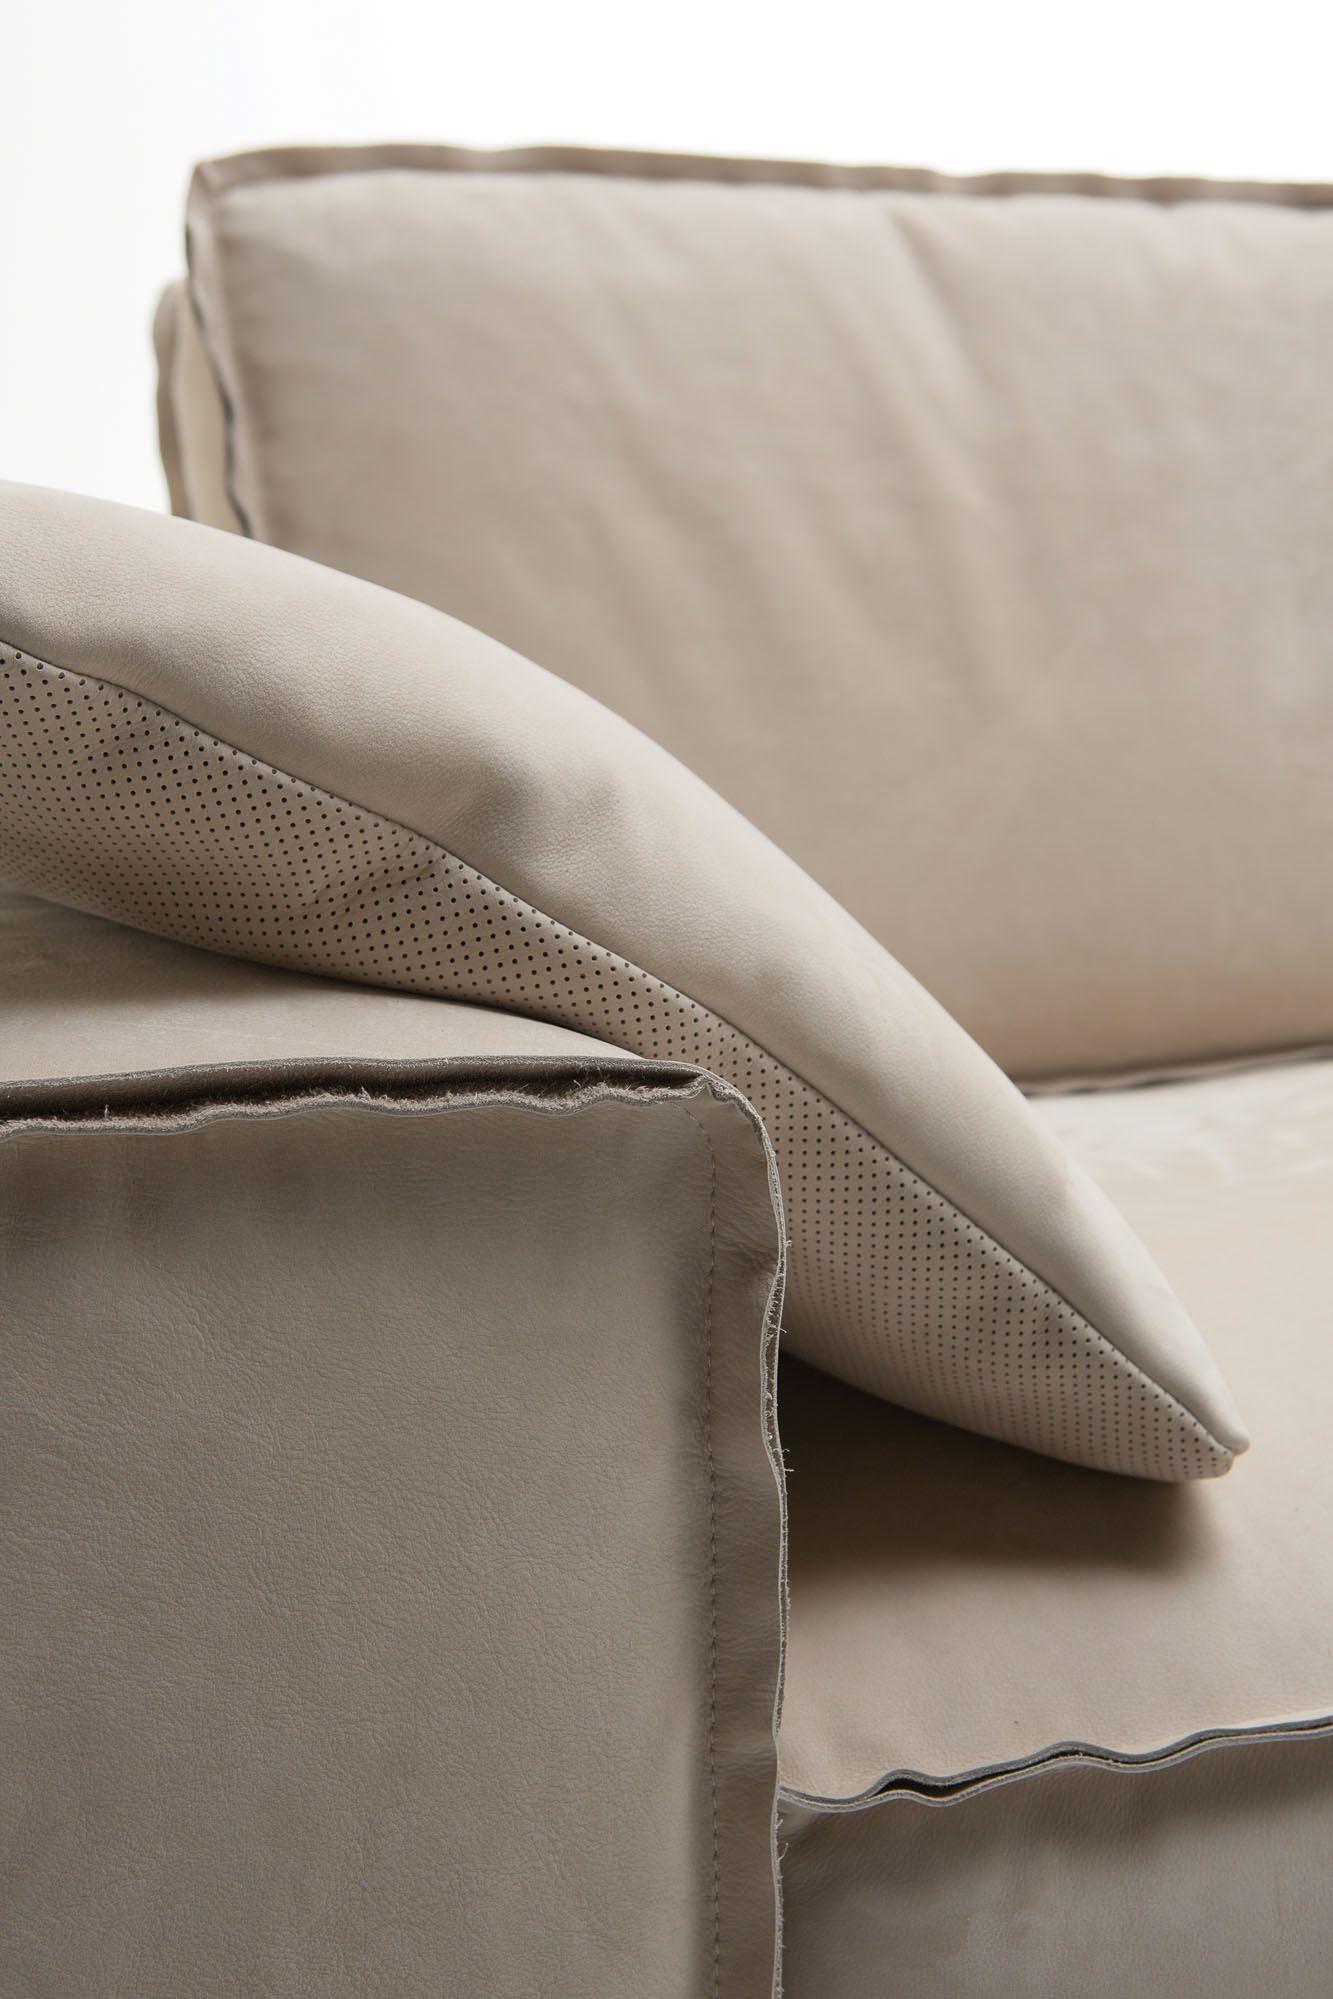 Divani personalizzati tino mariani dettaglio cucitura al - Divani moderni in pelle design ...